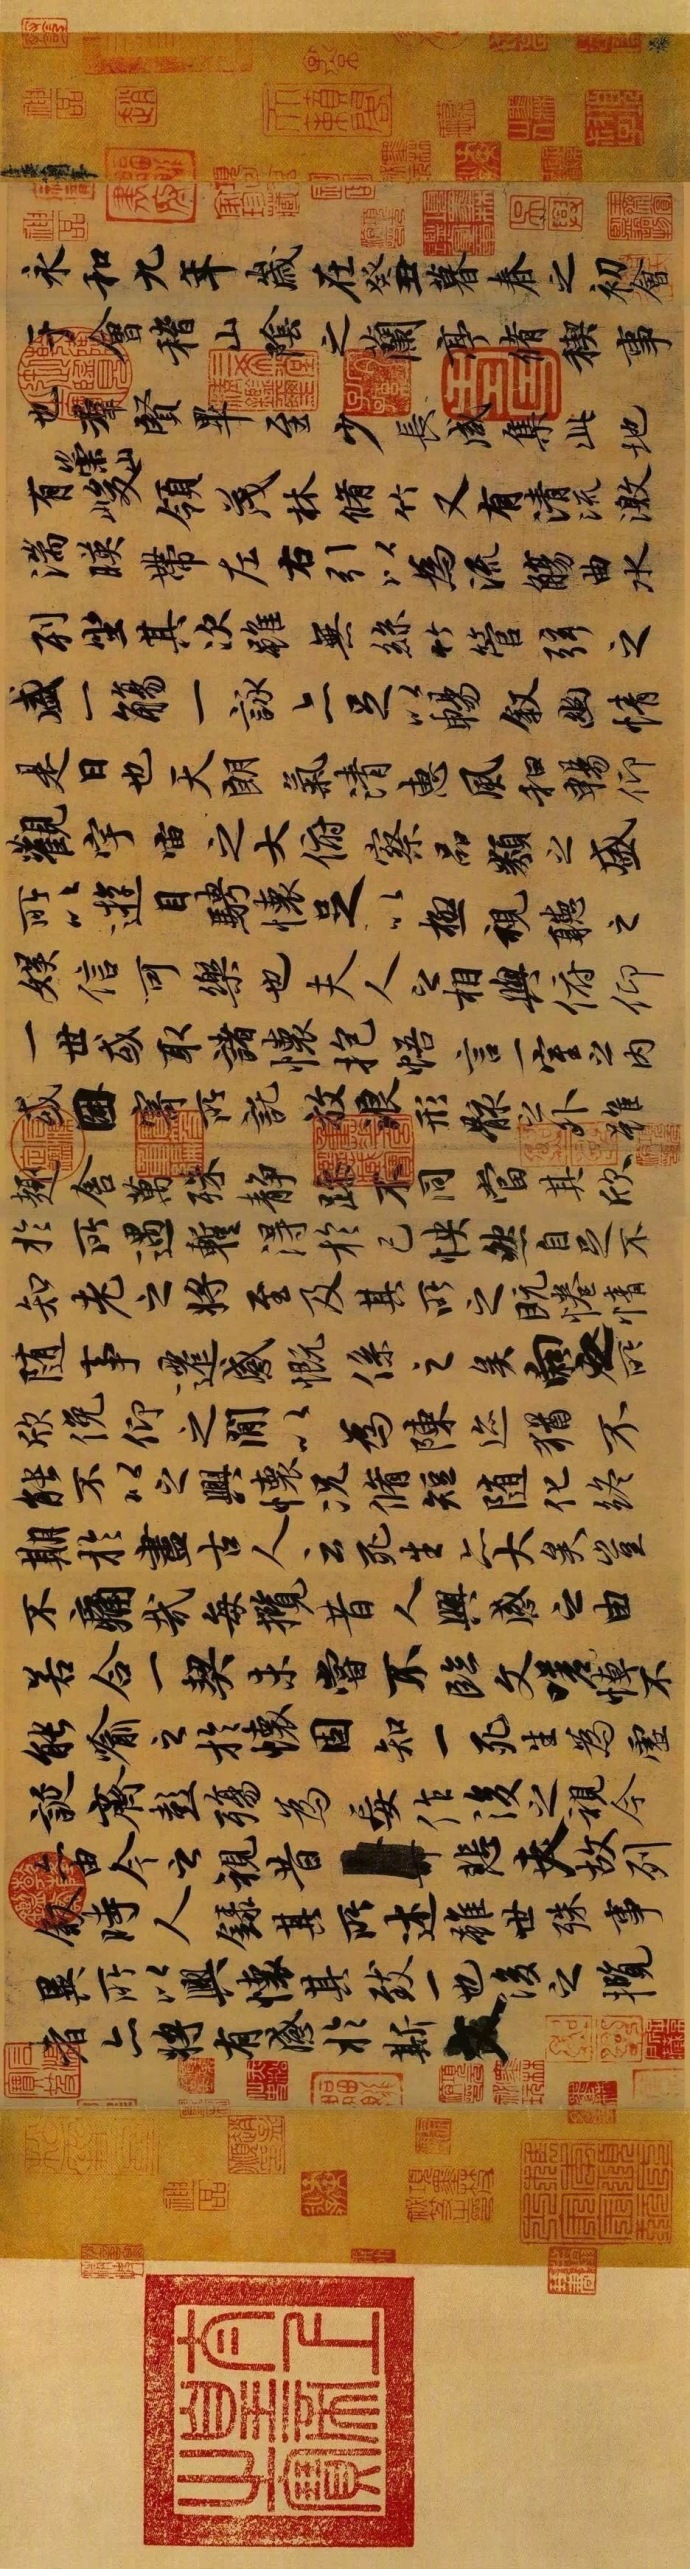 那些不得不看的手卷王羲之兰亭序颜真卿祭侄文稿苏轼黄州诗帖